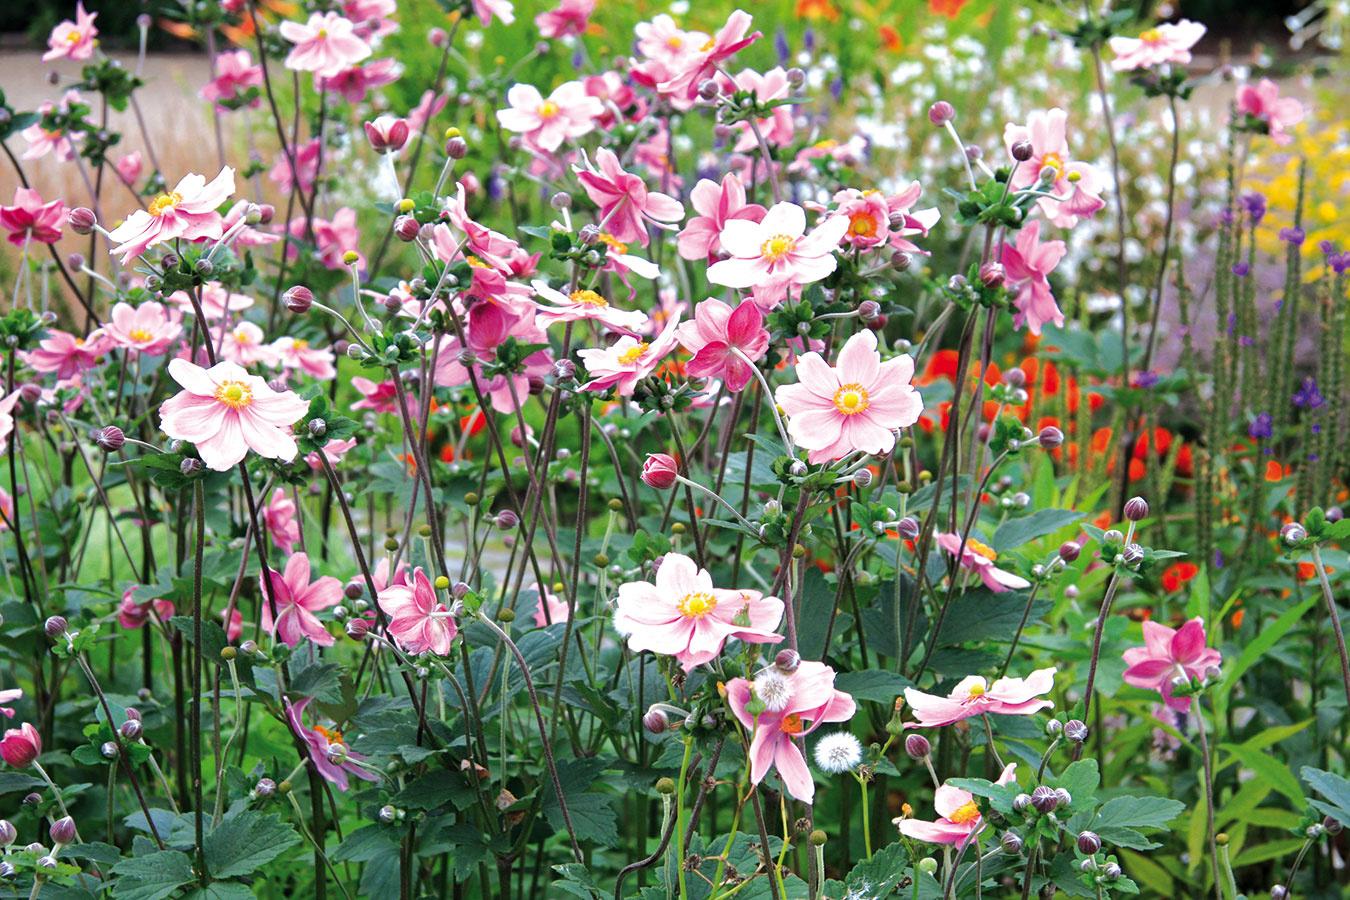 Počas celej jesene je vpredaji množstvo krásnych trvaliek. Knajkrajším patria veternice japonské (Anemone japonica) alebo veternice hupehenské (Anemone hupehensis). Tieto vyššie nápadné trvalky obvykle bohato kvitnú až do neskorej jesene ružovými, fialovými alebo bielymi kvetmi. Tie môžu byť plné alebo jednoduché. Videálnych podmienkach dosahujú výšku až 1,5 m. Dariť sa im bude vpolotieni, ale aj vtieni, na mieste shumóznou, mierne vlhkou pôdou. Okrem veterníc sa možno na záhonoch popýšiť nádherne kvitnúcou prilbicou, ploštiničníkom, astrami a,samozrejme, chryzantémami. Vysádzanie je vhodné naplánovať na vlhkejšie dni. Ak to priestor umožňuje, vysaďte si vždy aspoň tri kusy zjedného druhu, vďaka čomu vznikne pekný trs.